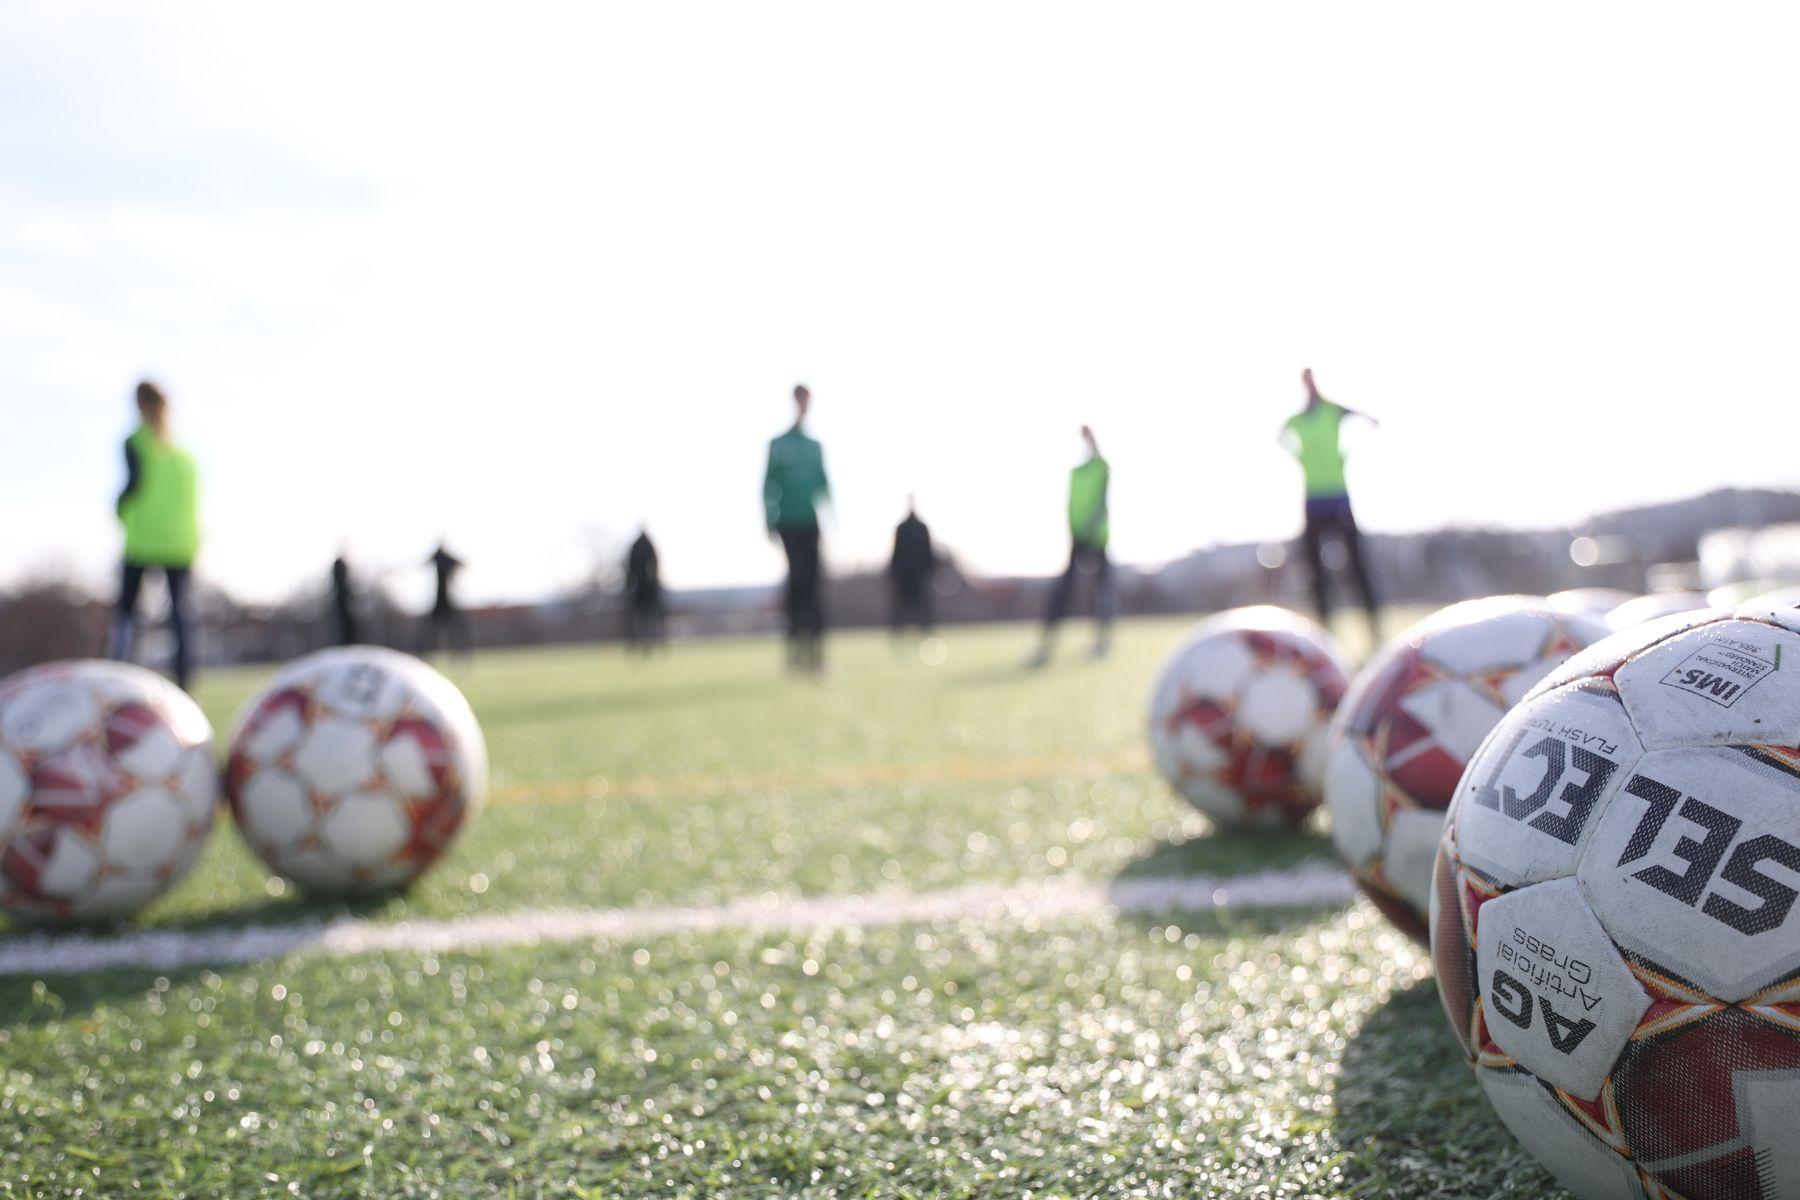 Fotbollsplan med fotbollar i förgrunden